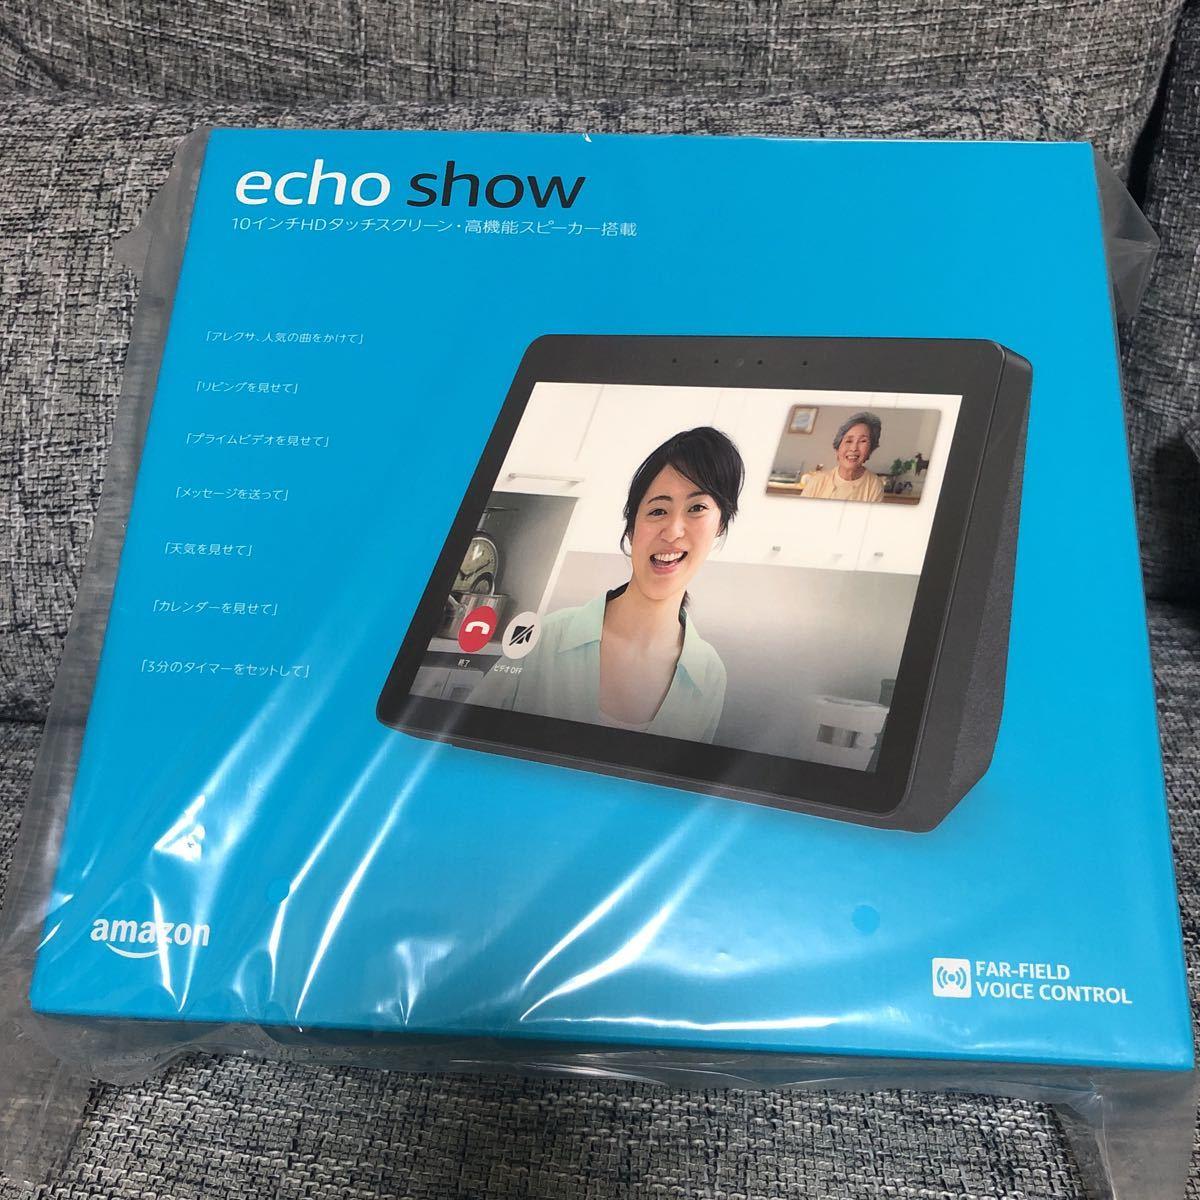 新品 Amazon Echo Show (エコーショー) 第2世代 - スクリーン付きスマートスピーカー with Alexa チャコール_画像1